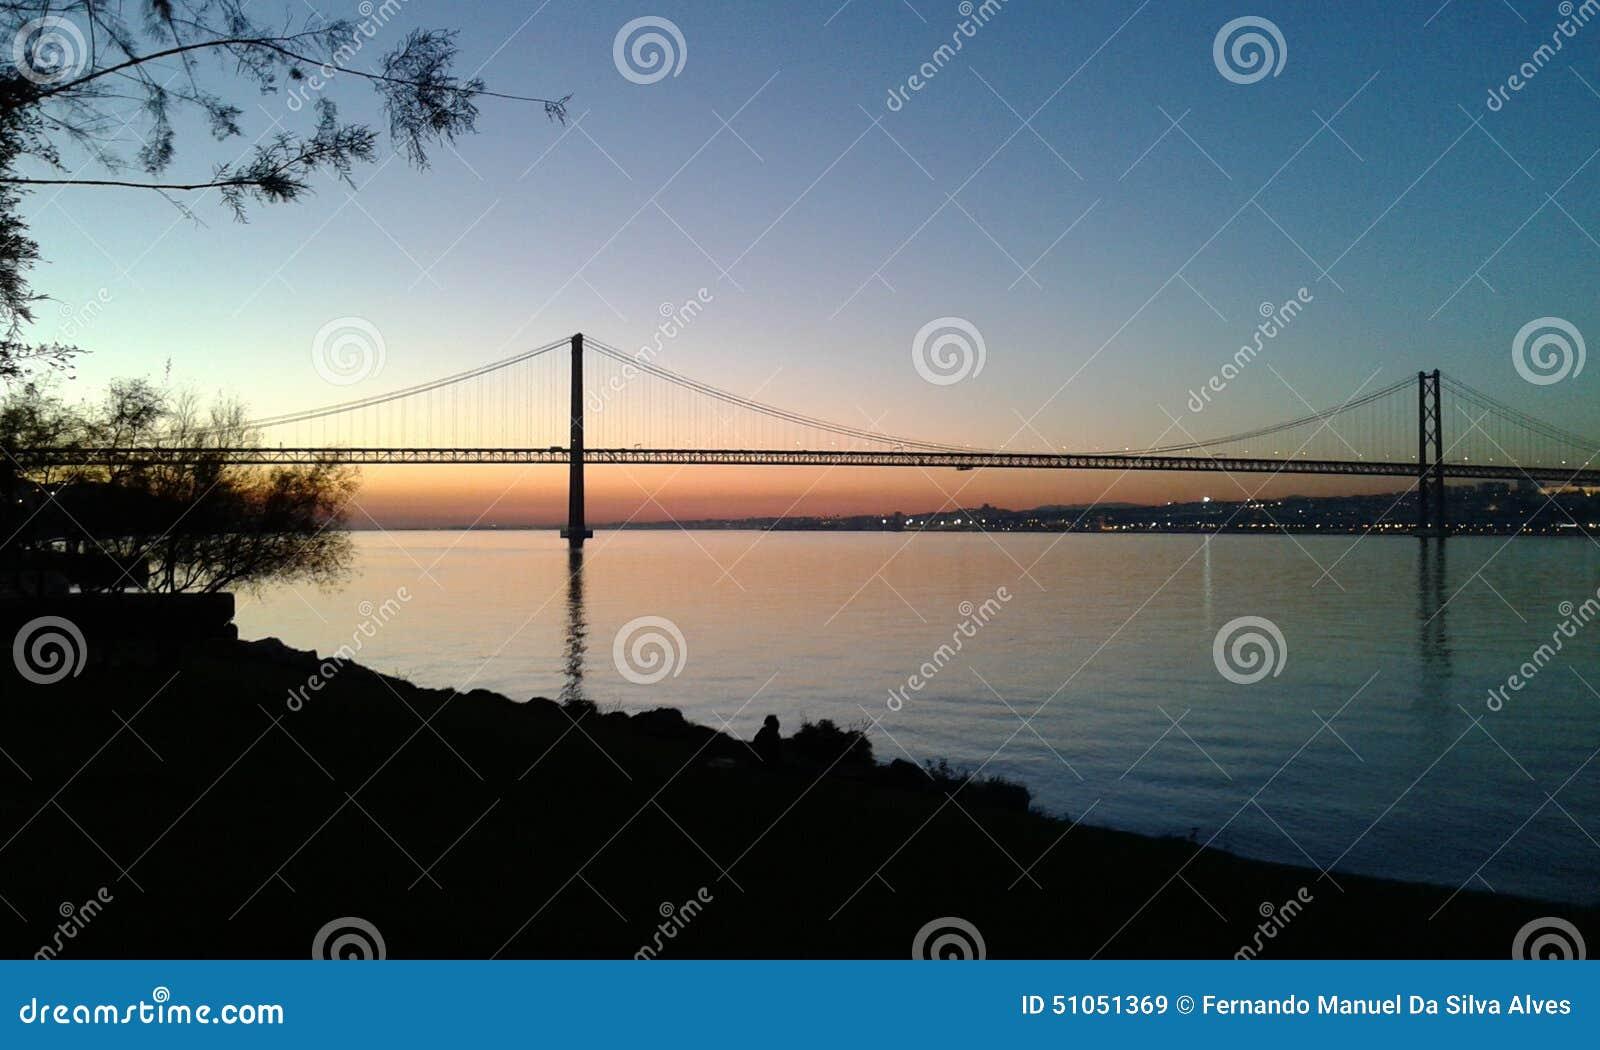 Bridge April 25 and Tagus River